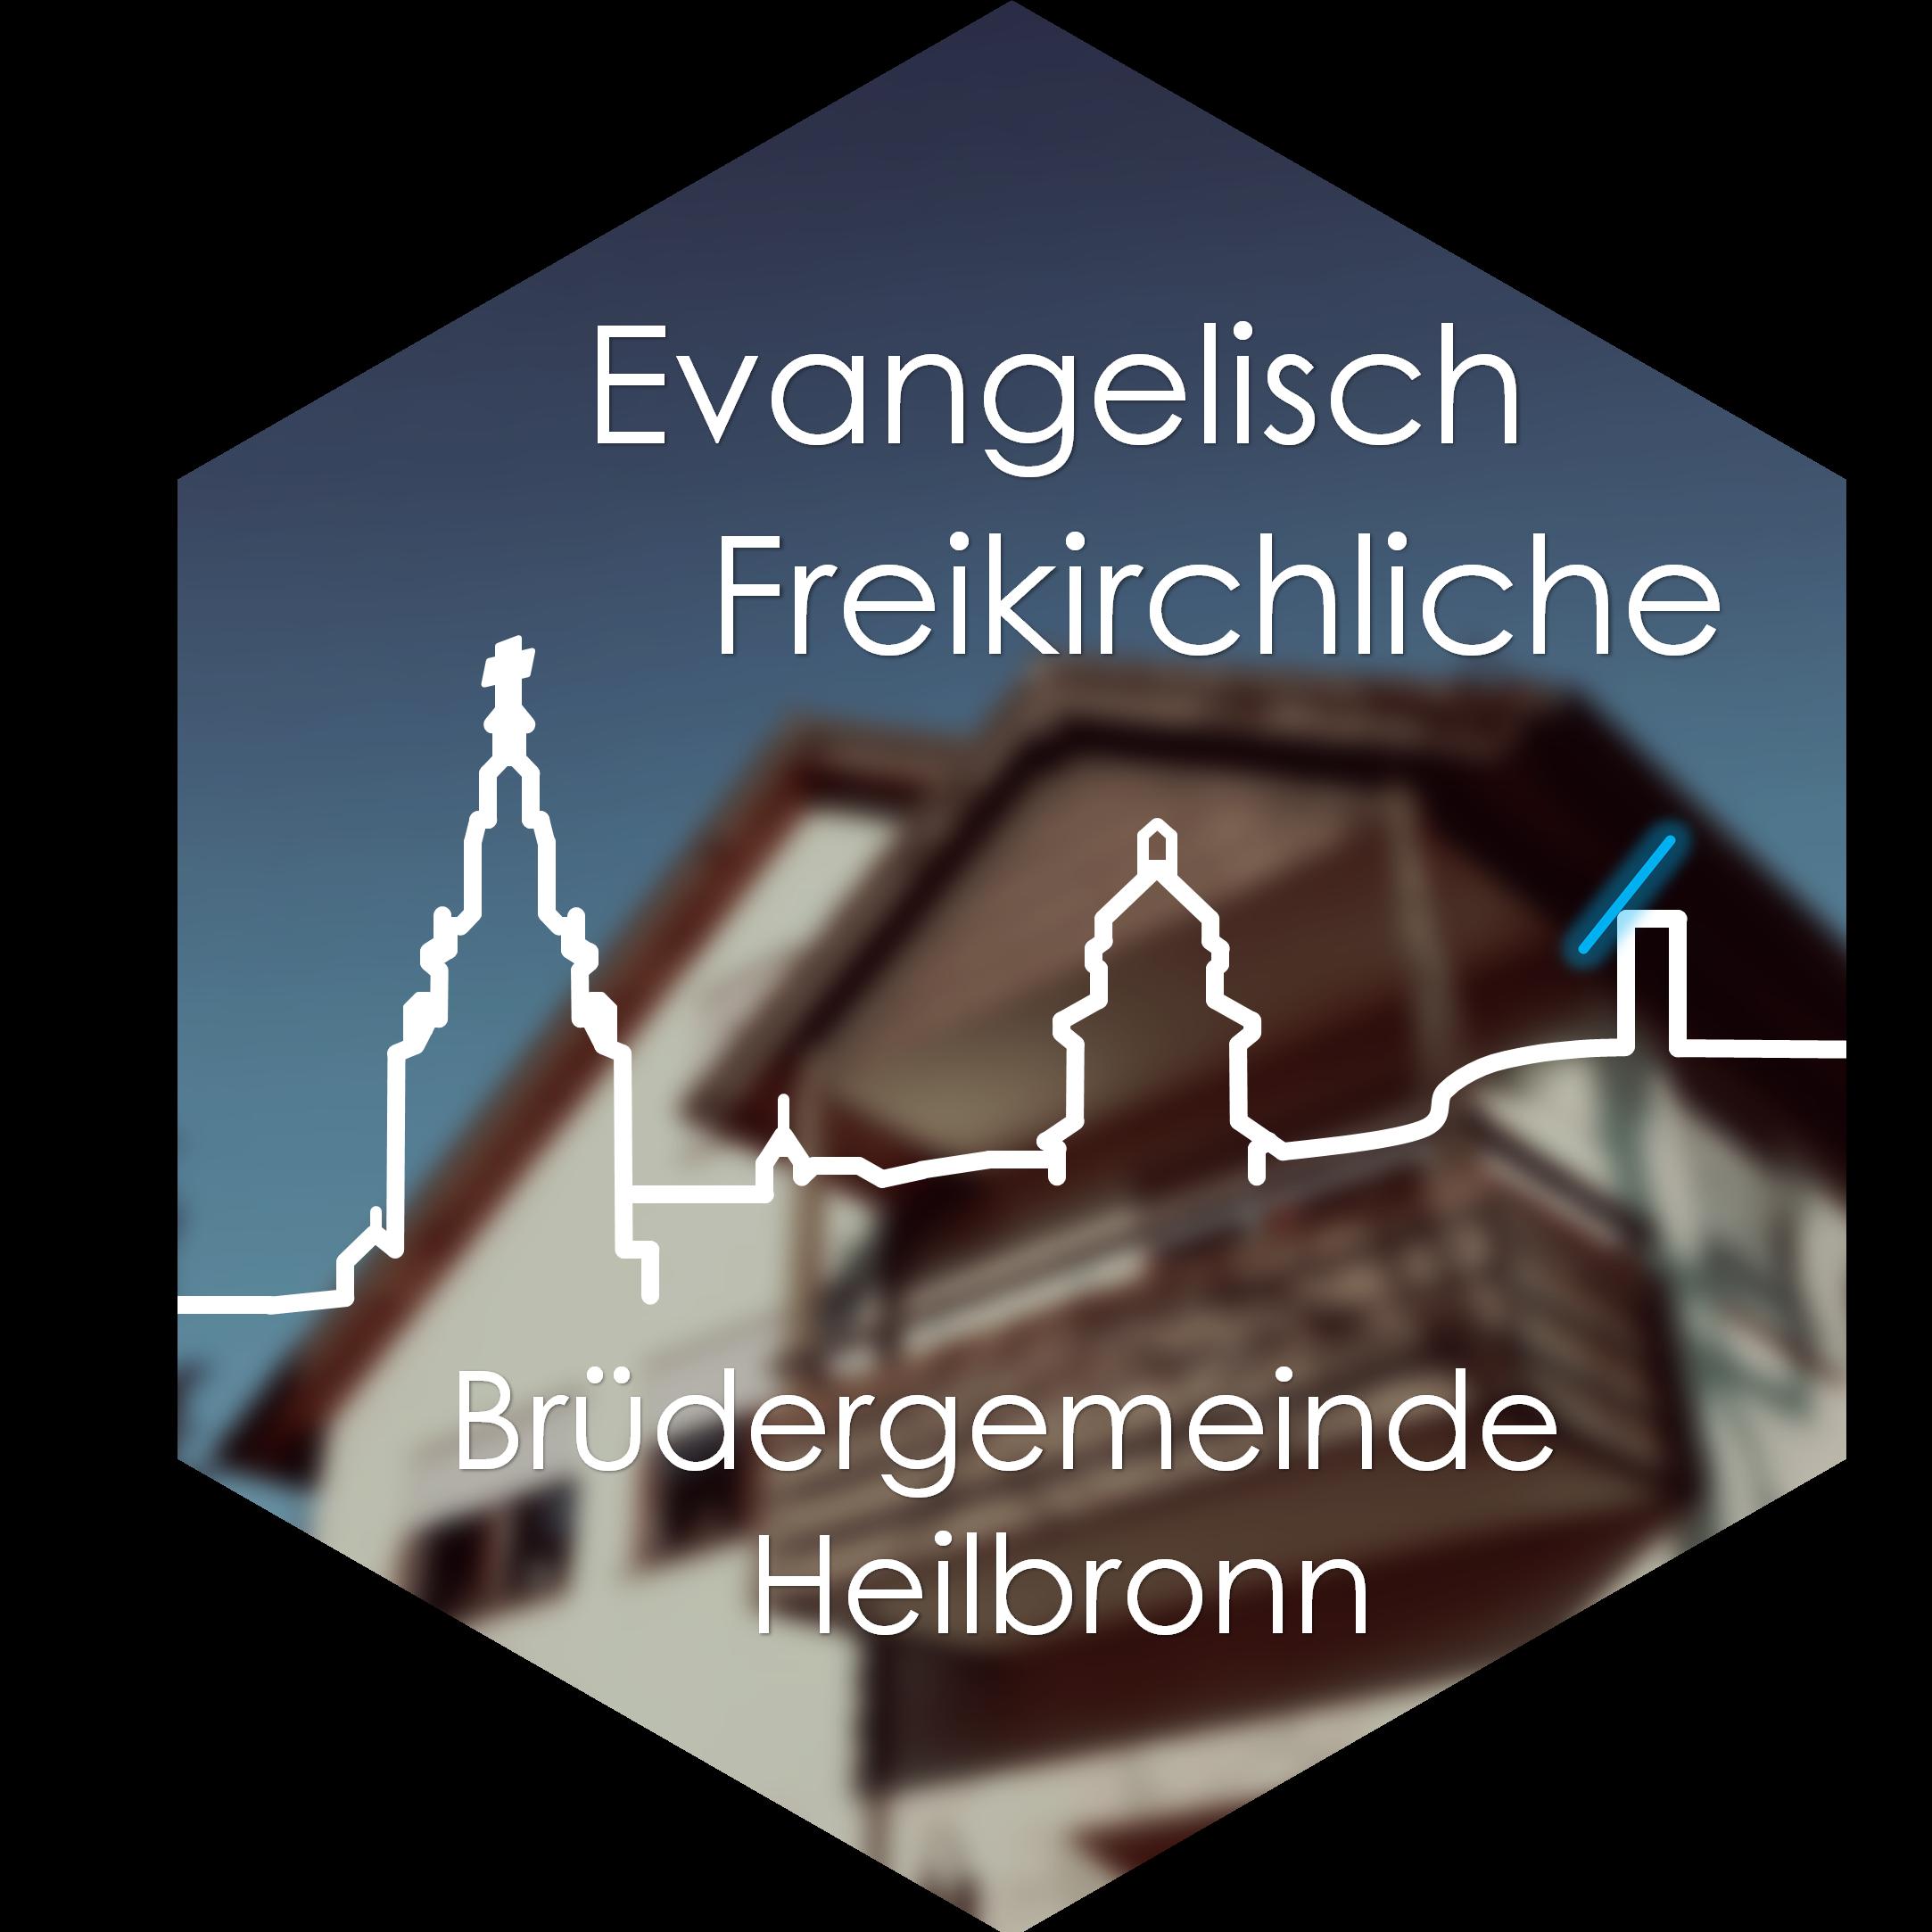 Ev. Freikirliche Brüdergemeinde Heilbronn e.V.